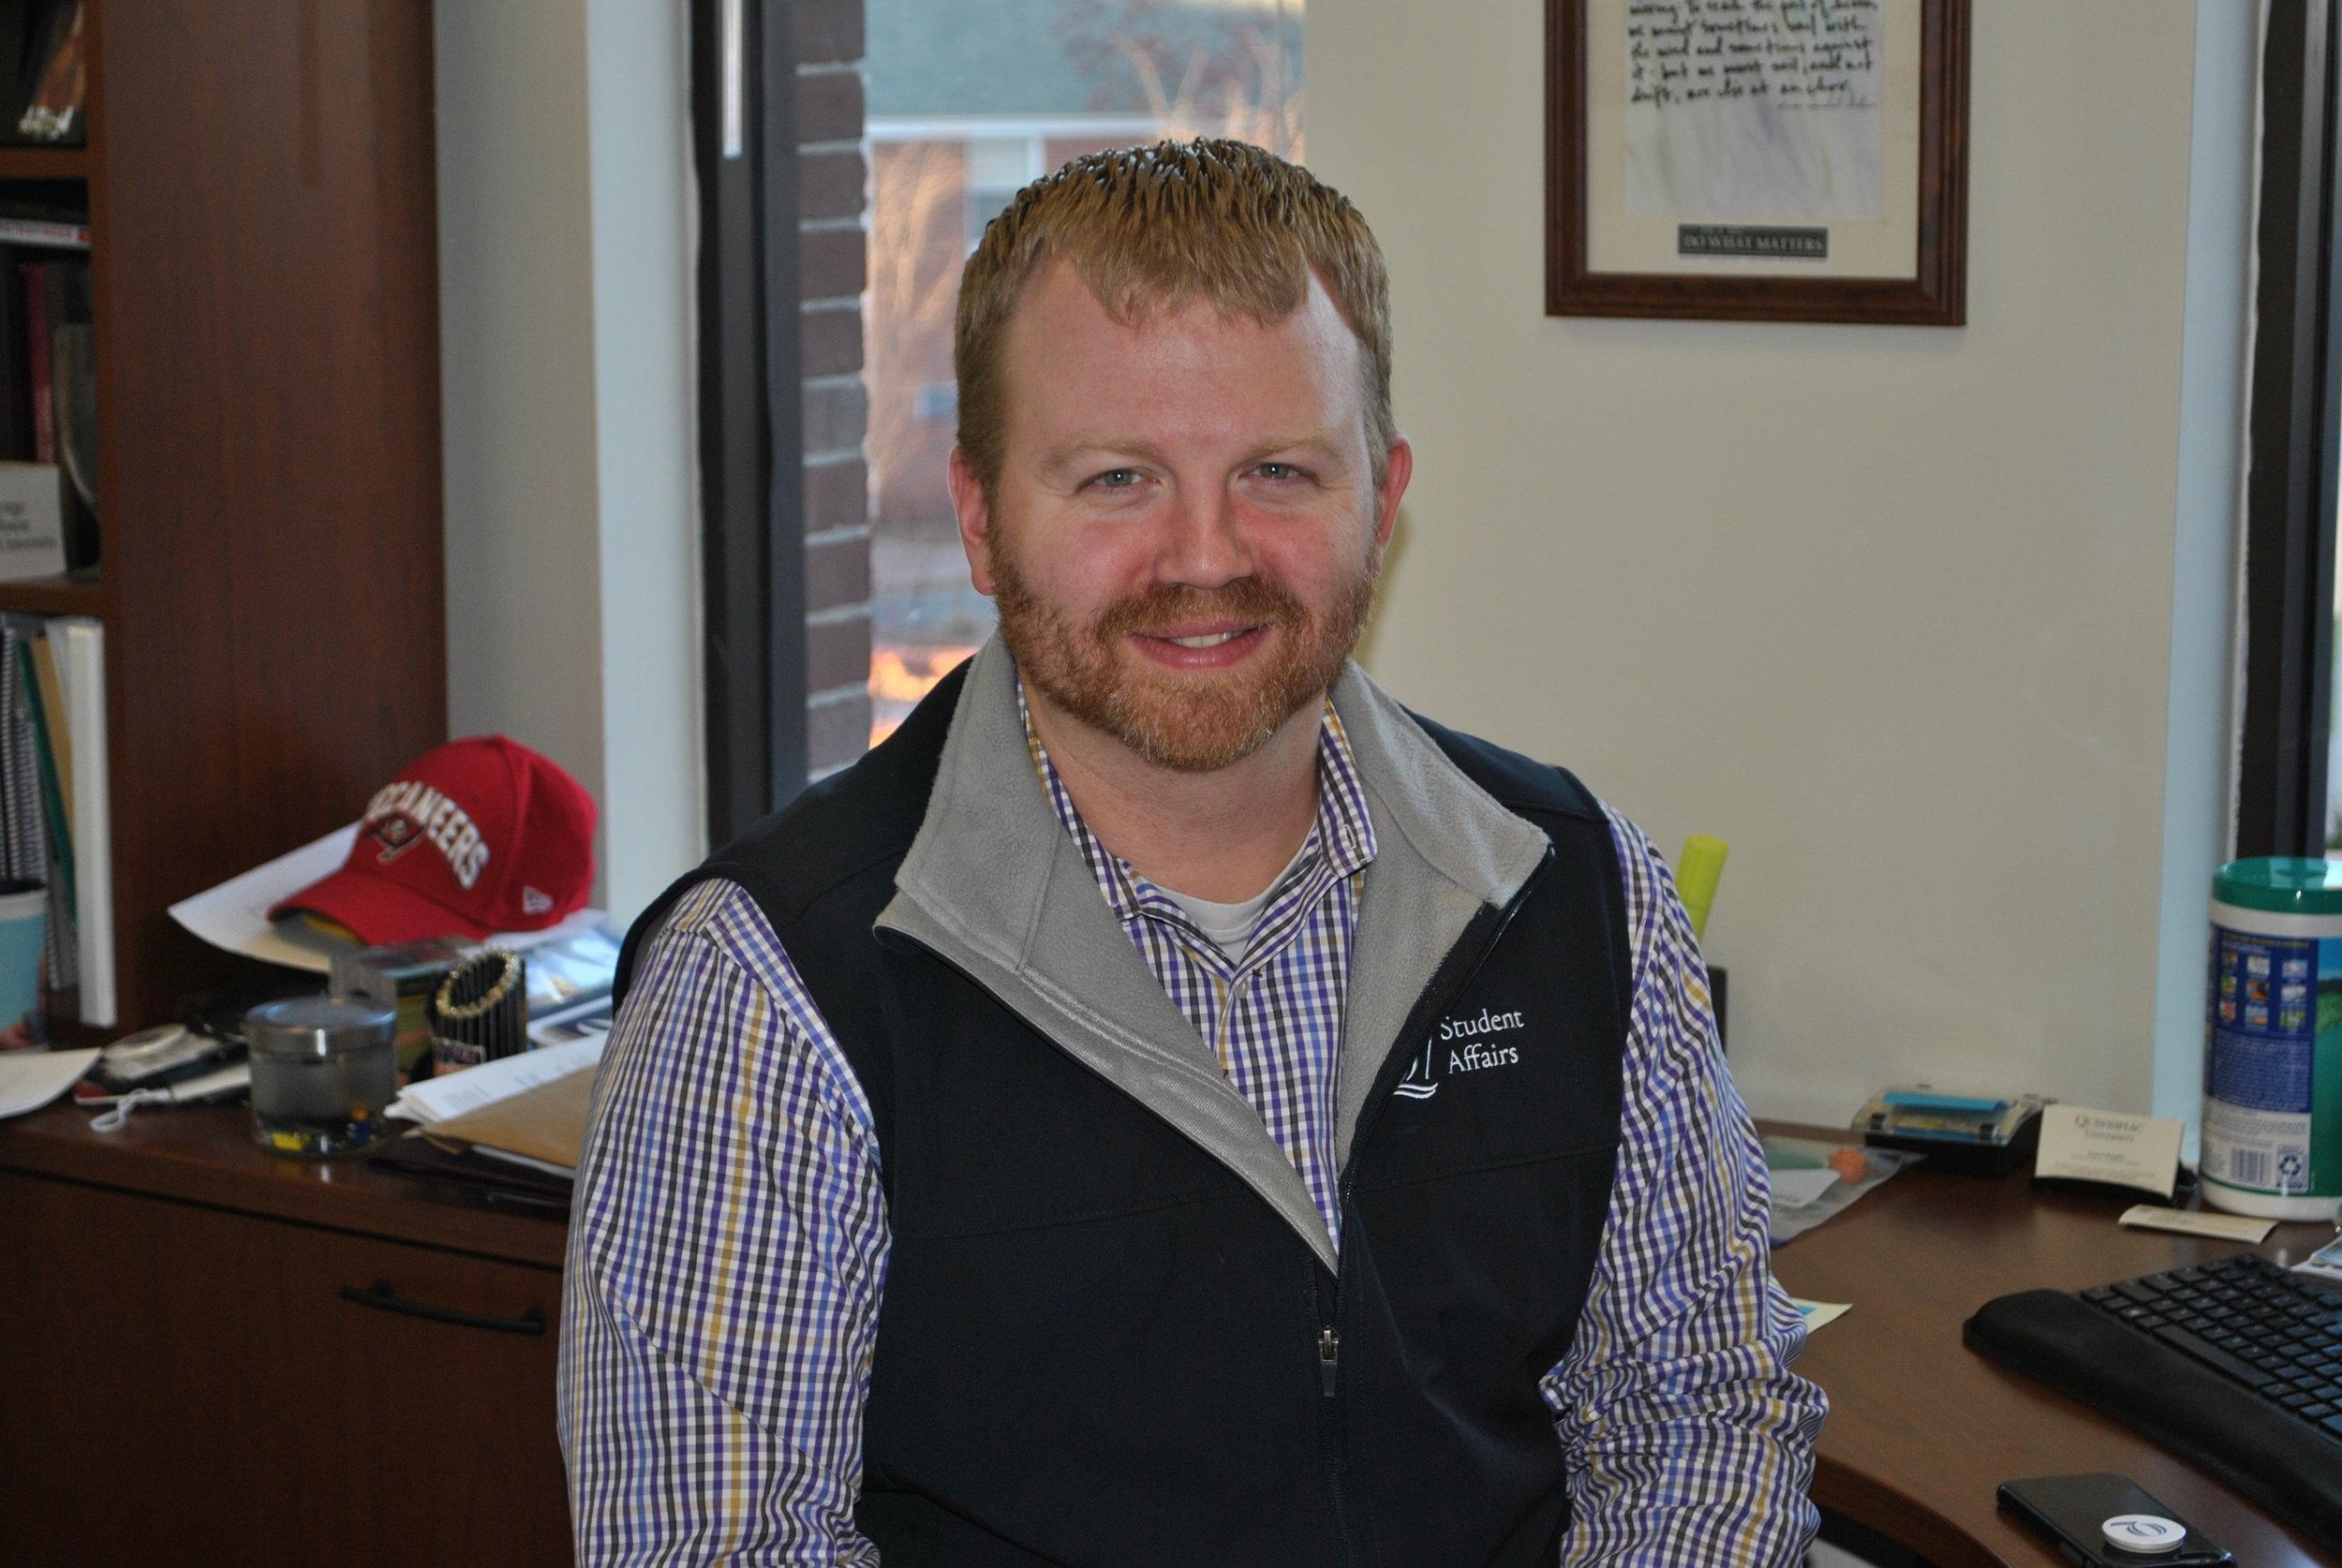 Associate Dean of Student Affairs and Deputy Title IX Coordinator, Seann Kalagher.